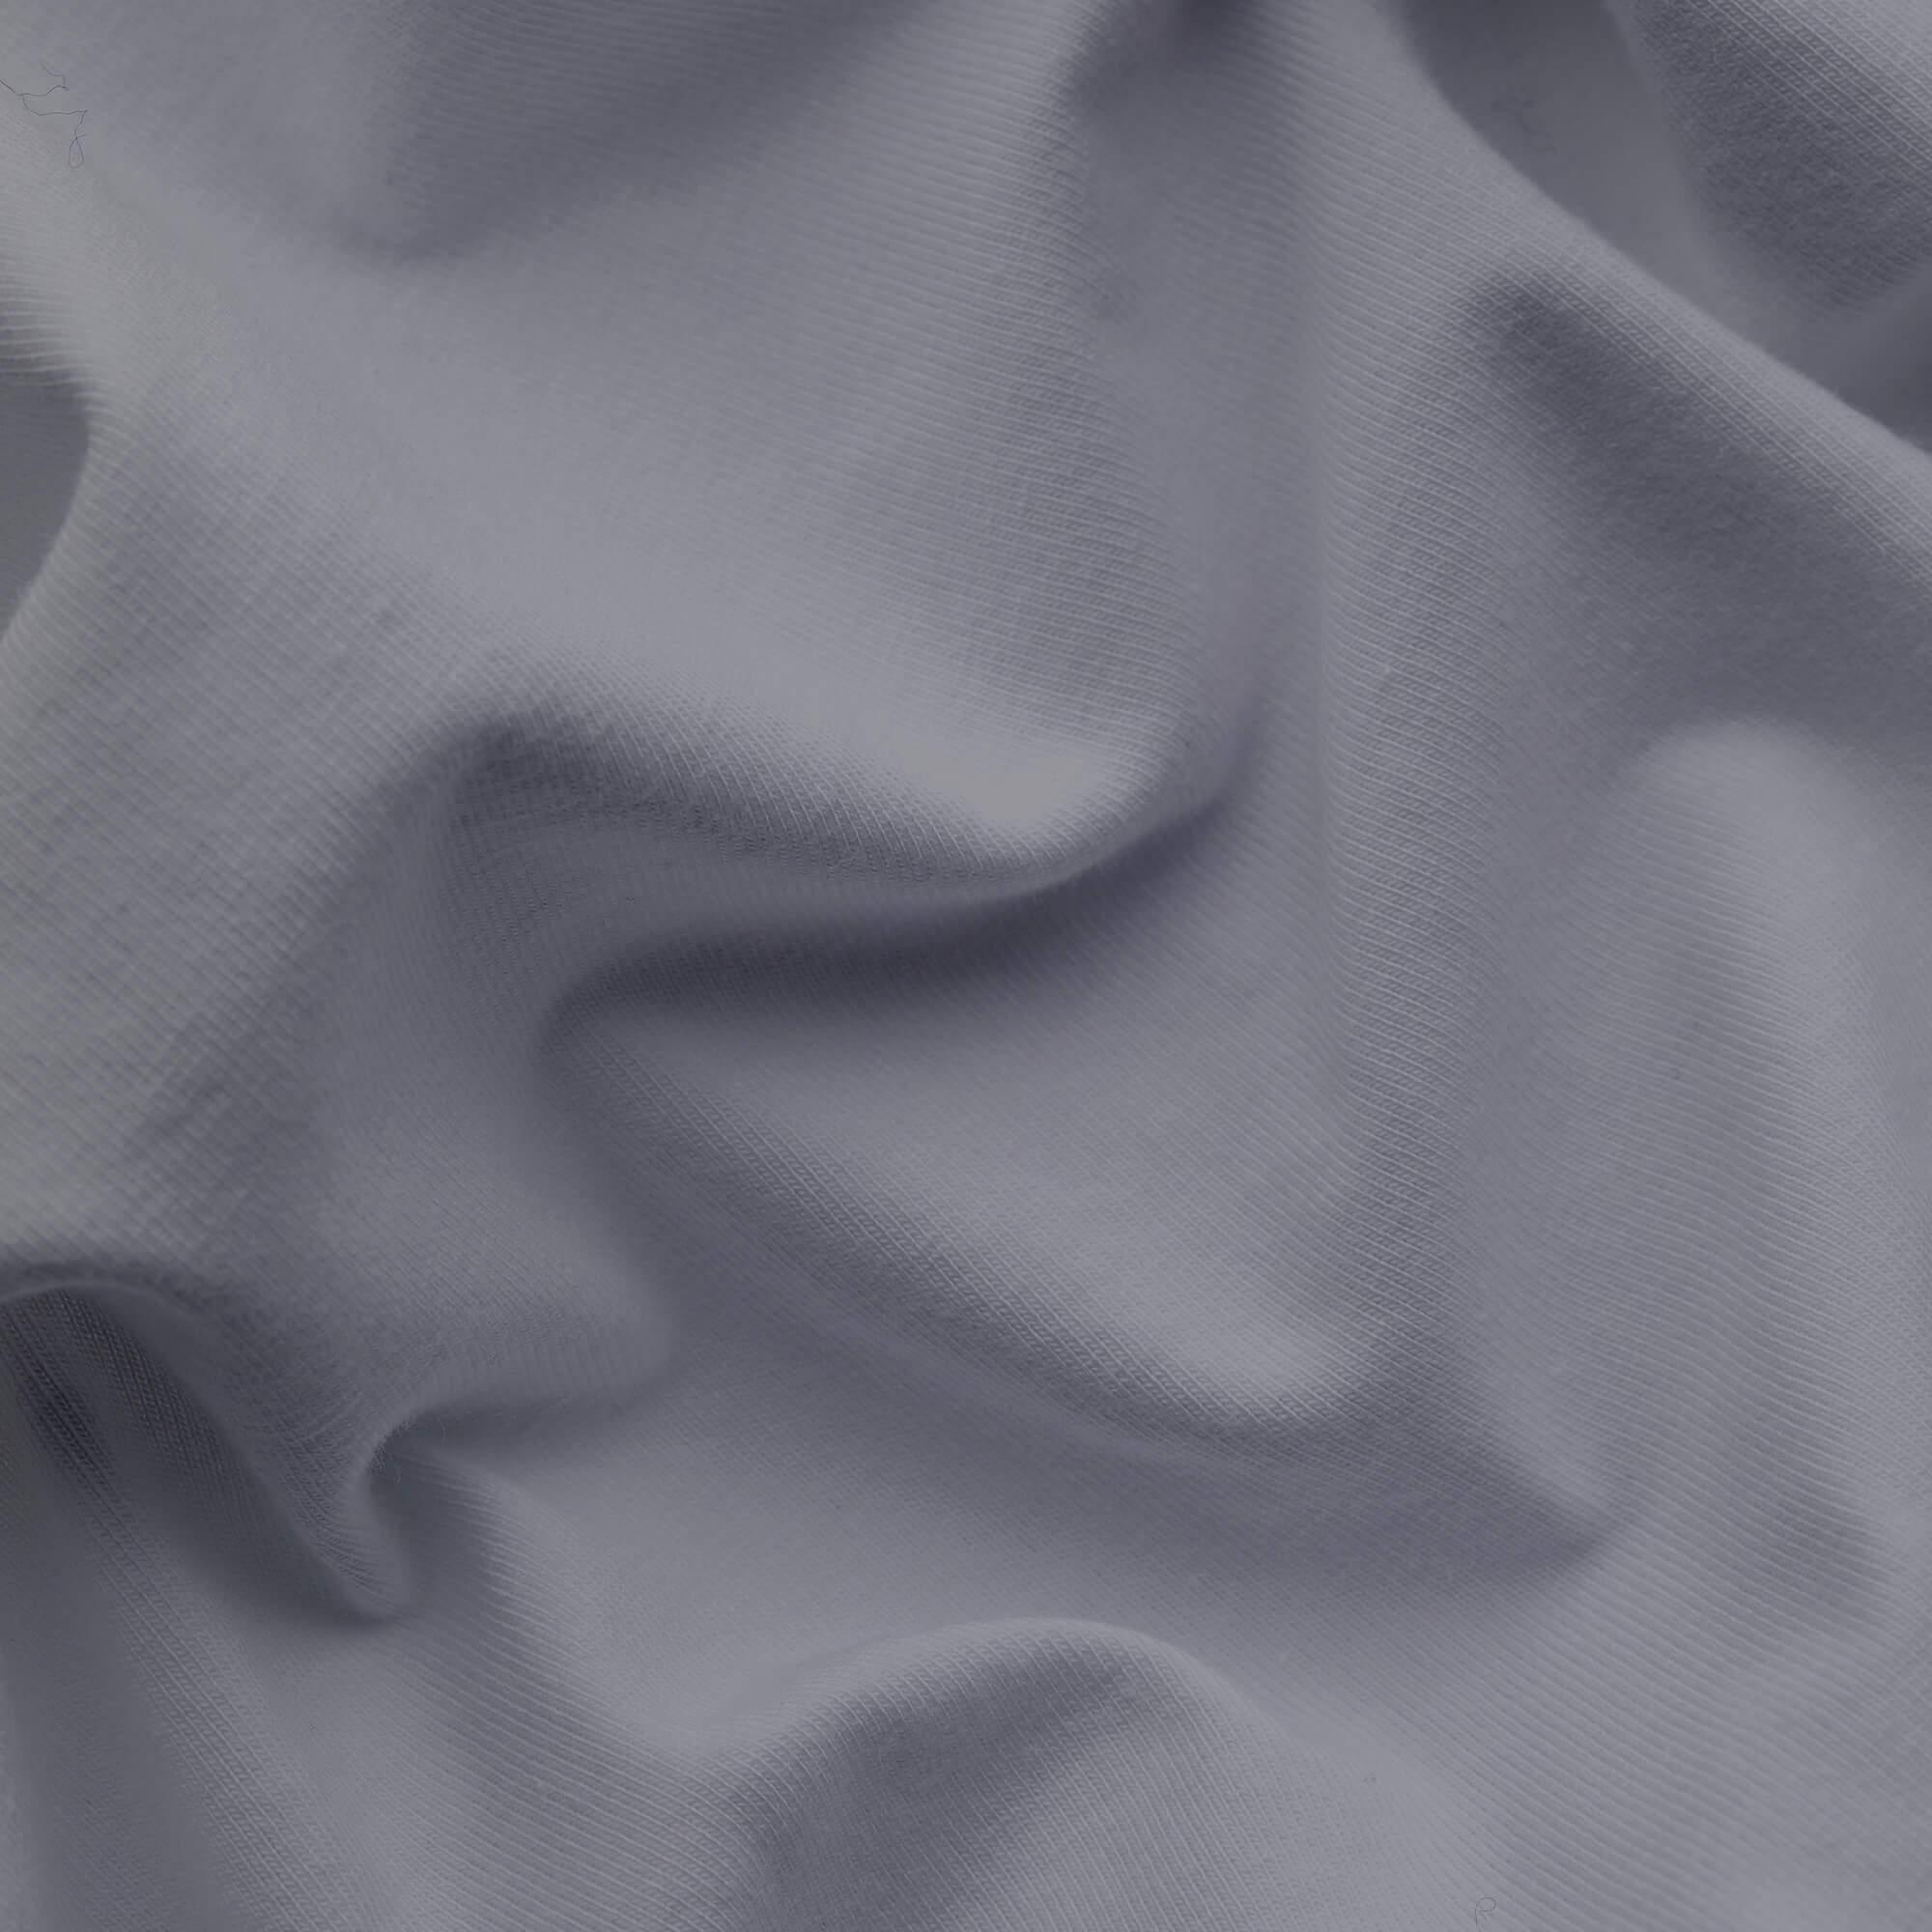 graues schlafgut Spannbettlaken Mako Jersey aus Baumwolle